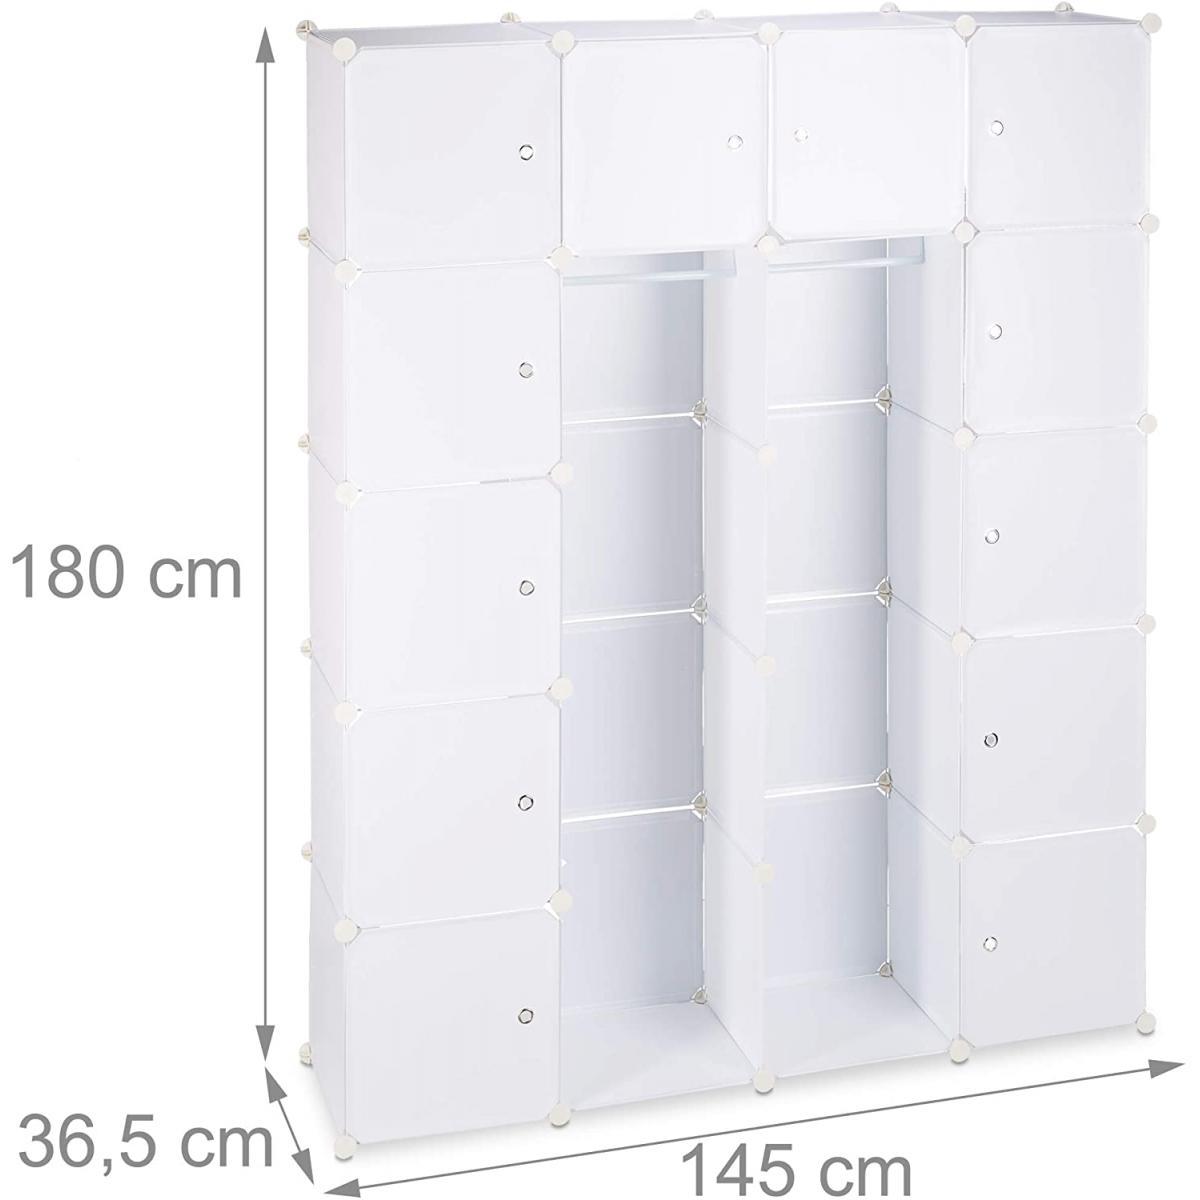 Helloshop26 Étagère cubes rangement penderie armoire plastique 14 casiers 180 cm blanc 13_0001070_2